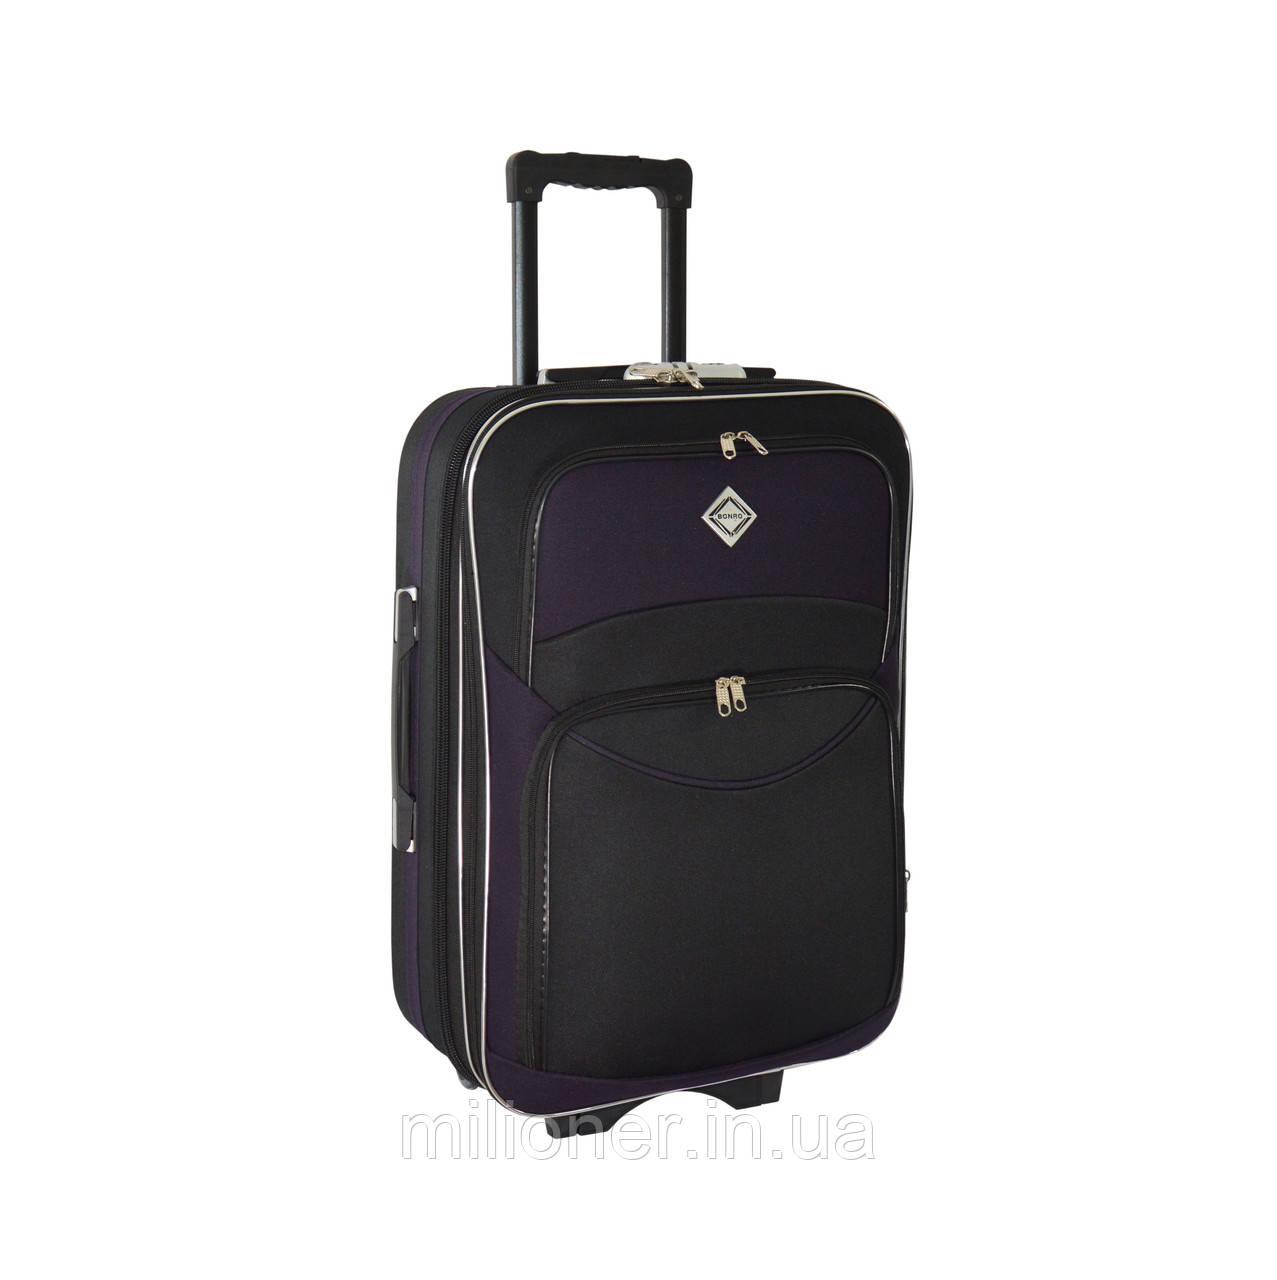 Чемодан Bonro Style (большой) черно-т. фиолетовый